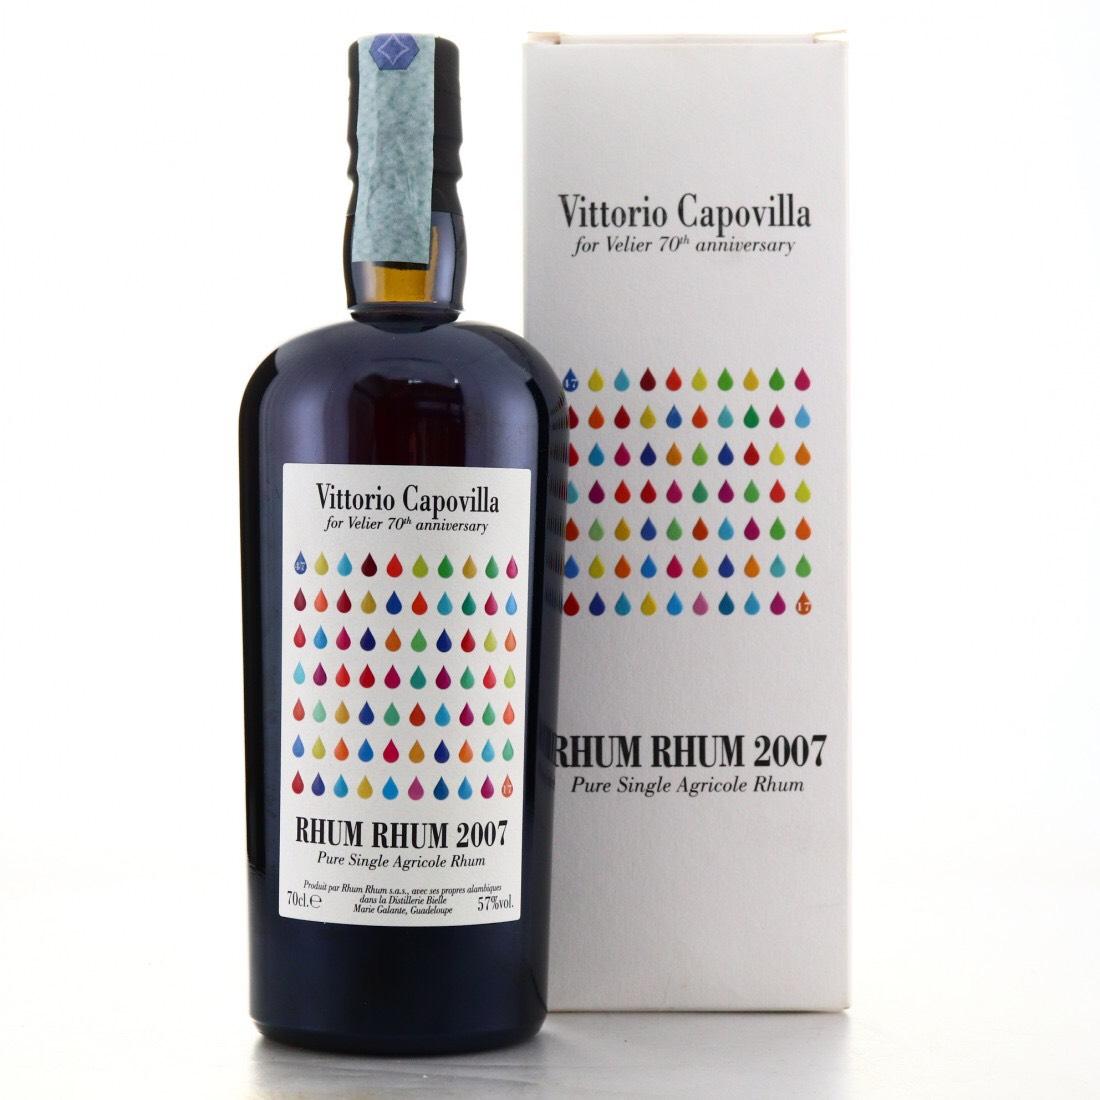 Bottle image of Rhum Rhum Vittorio Capovilla